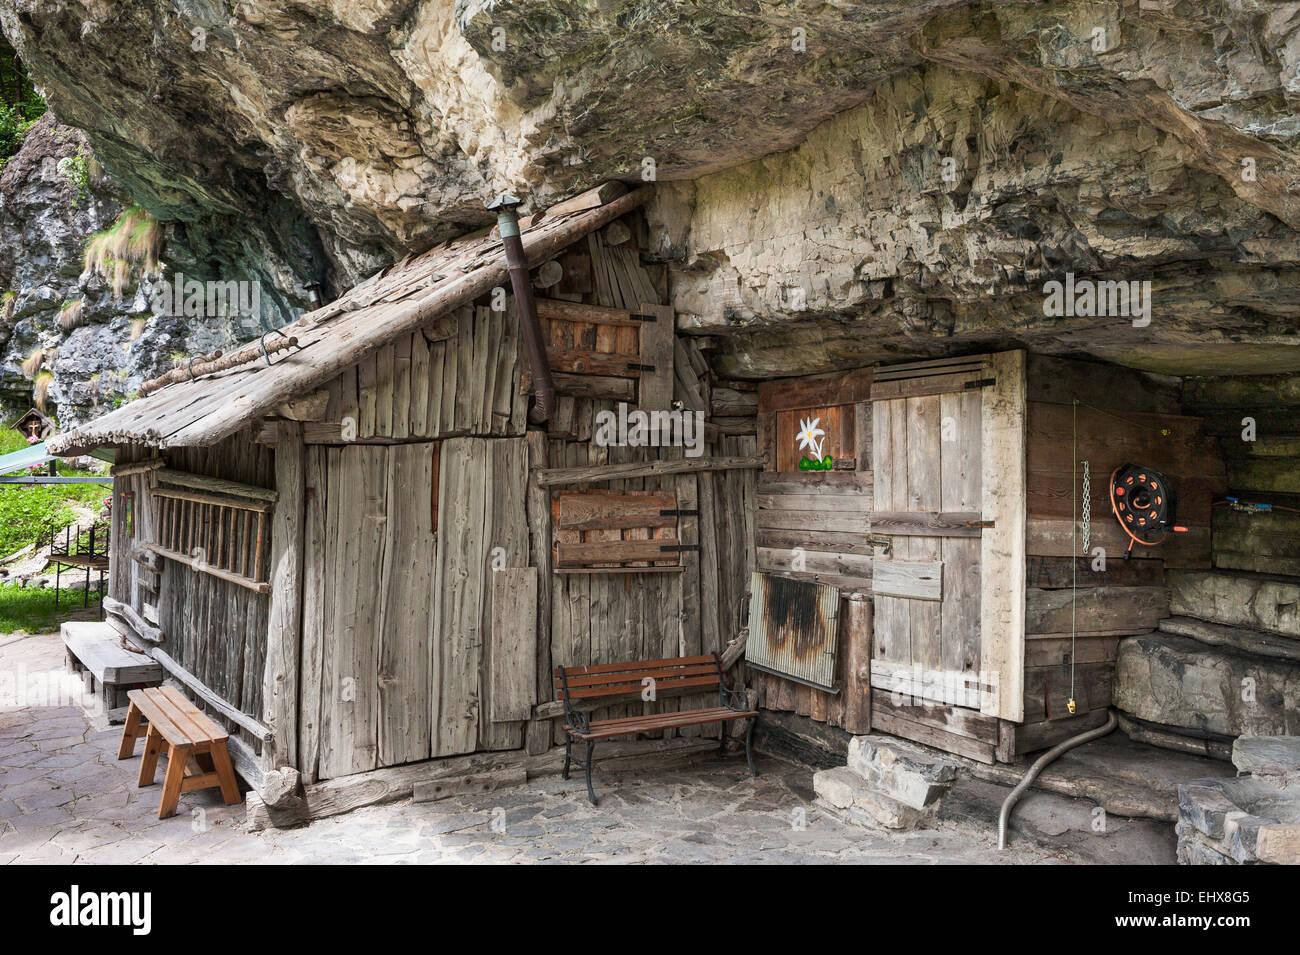 Capanna in legno con scogliere, Valle d'Angheraz, Pala Gruppo, Dolomiti, Col di Prà, Veneto, Italia Immagini Stock